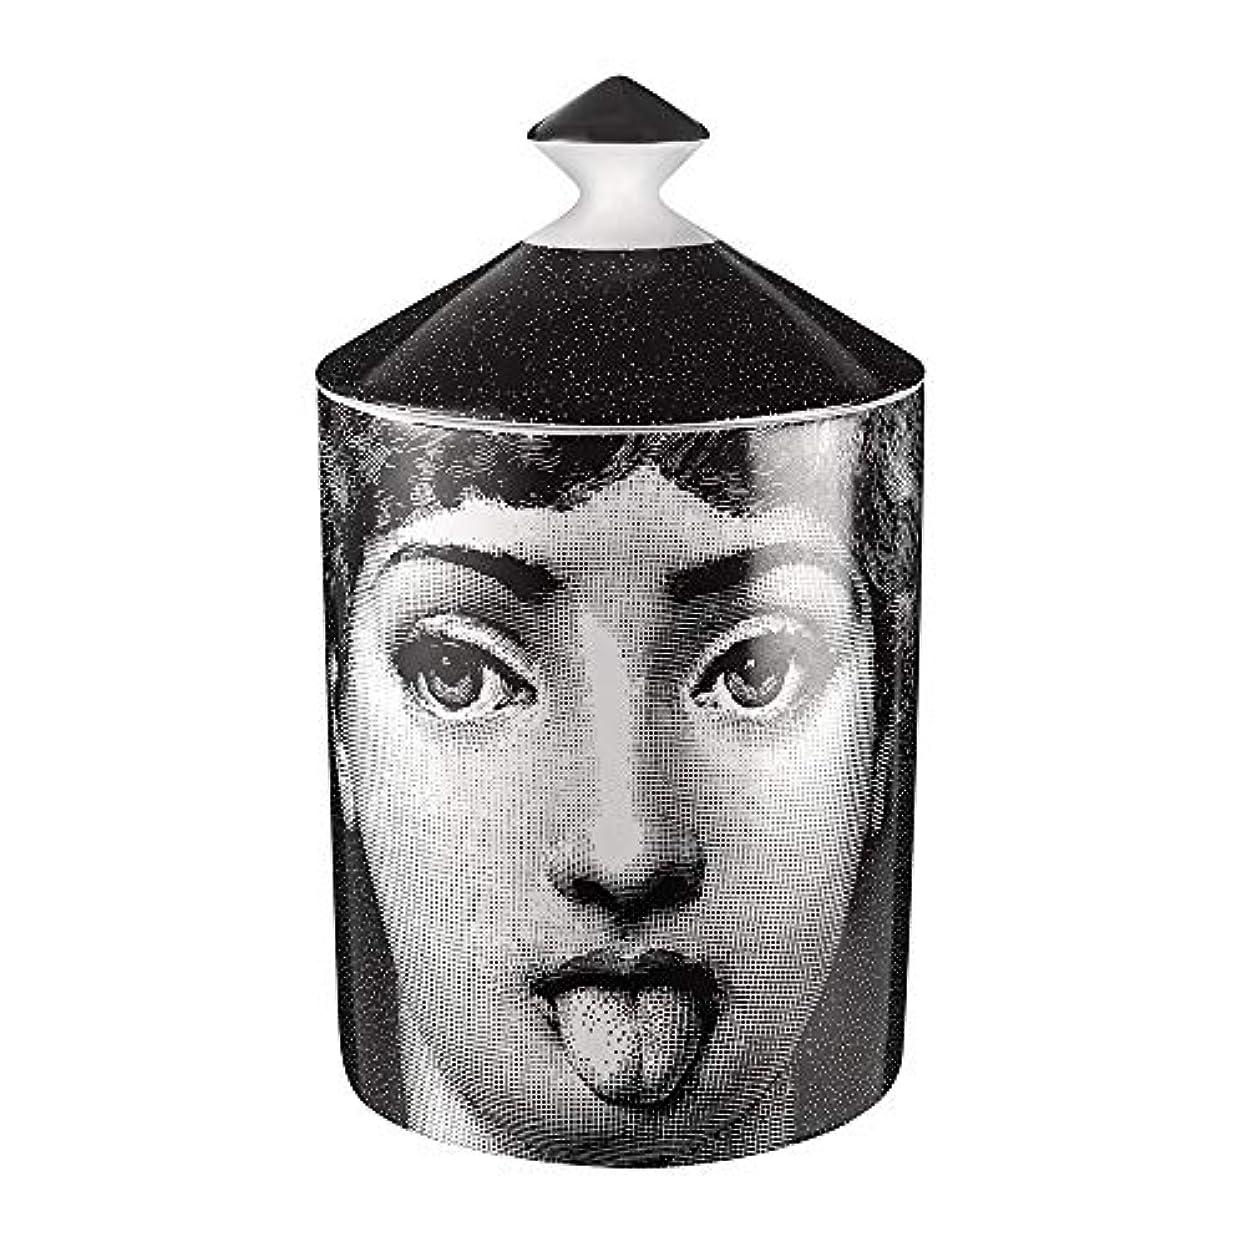 宗教的な湿った宿フォルナセッティ アンティパティコ センテッド キャンドル 300g(Fornasetti Antipatico Scented Candle 300g) [並行輸入品]